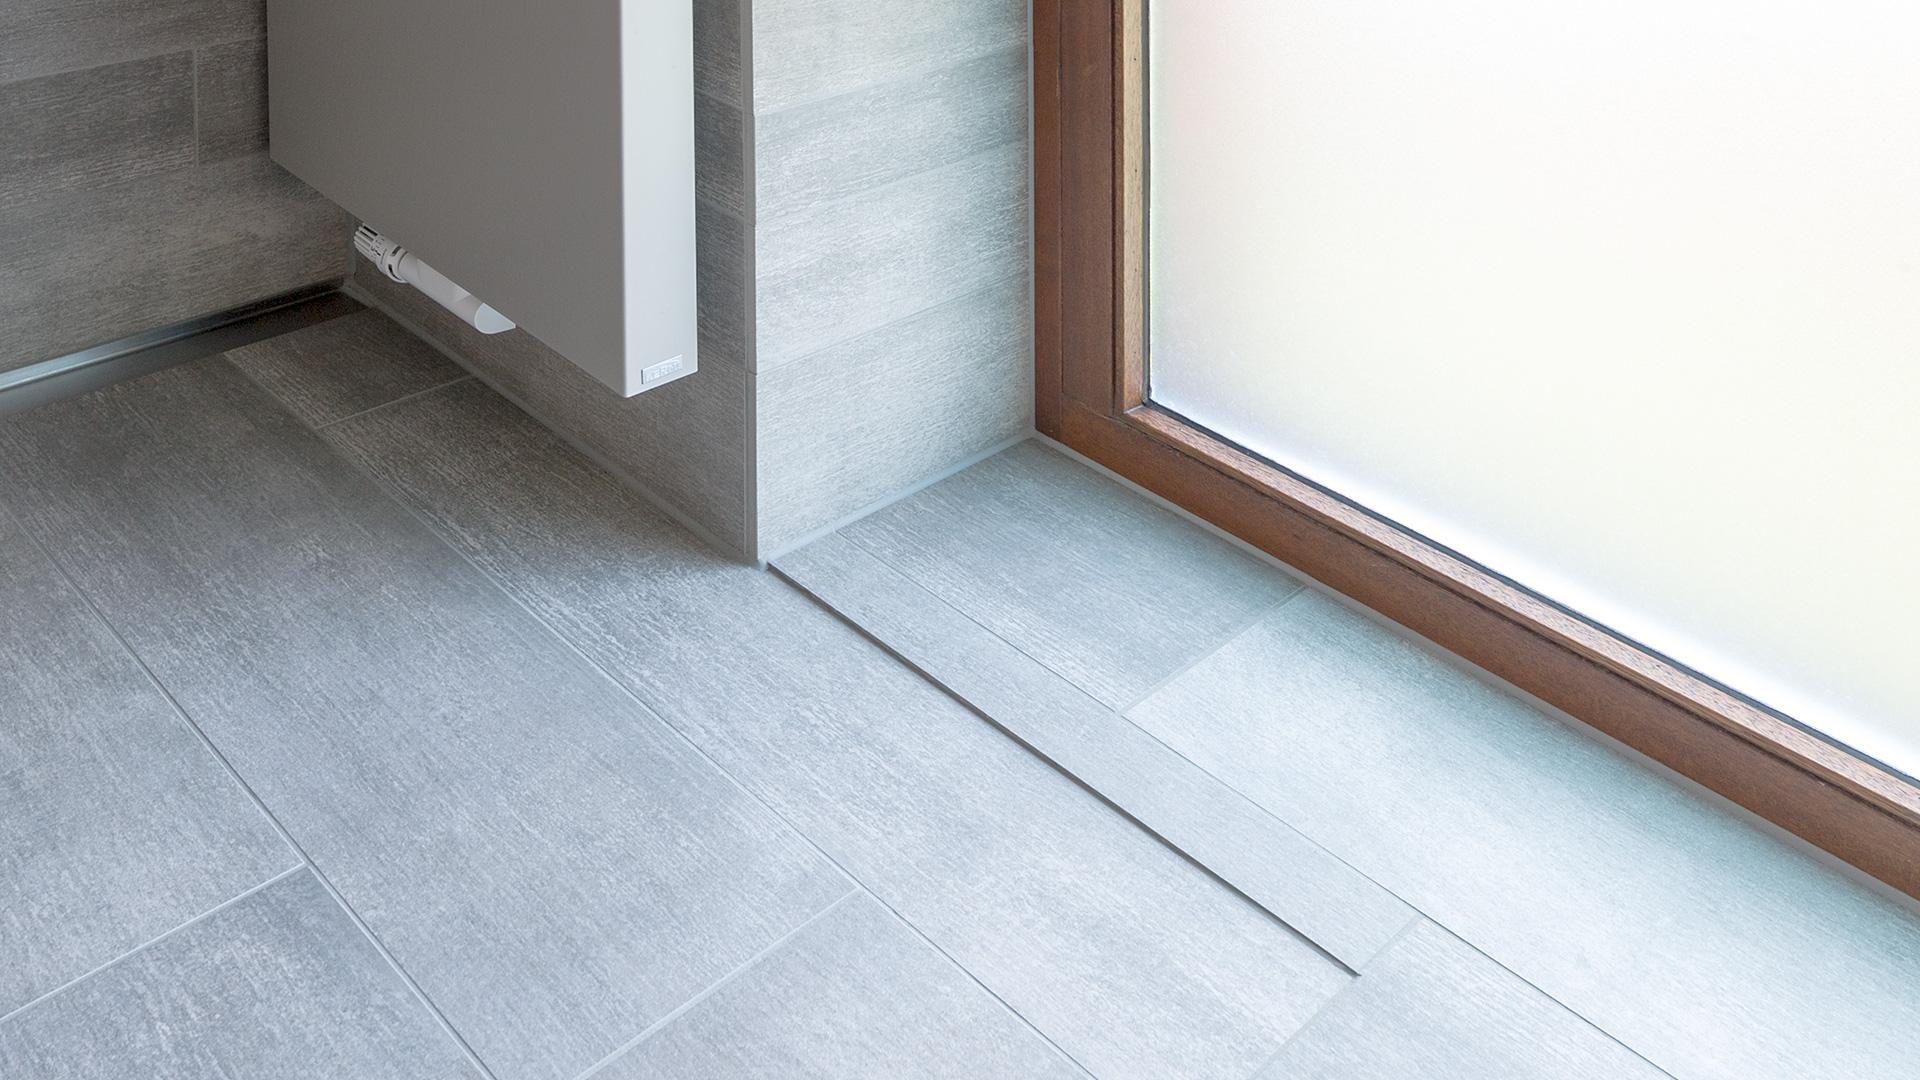 saubere Verarbeitung am Übergang zum Fenster in einem Bad in Borken